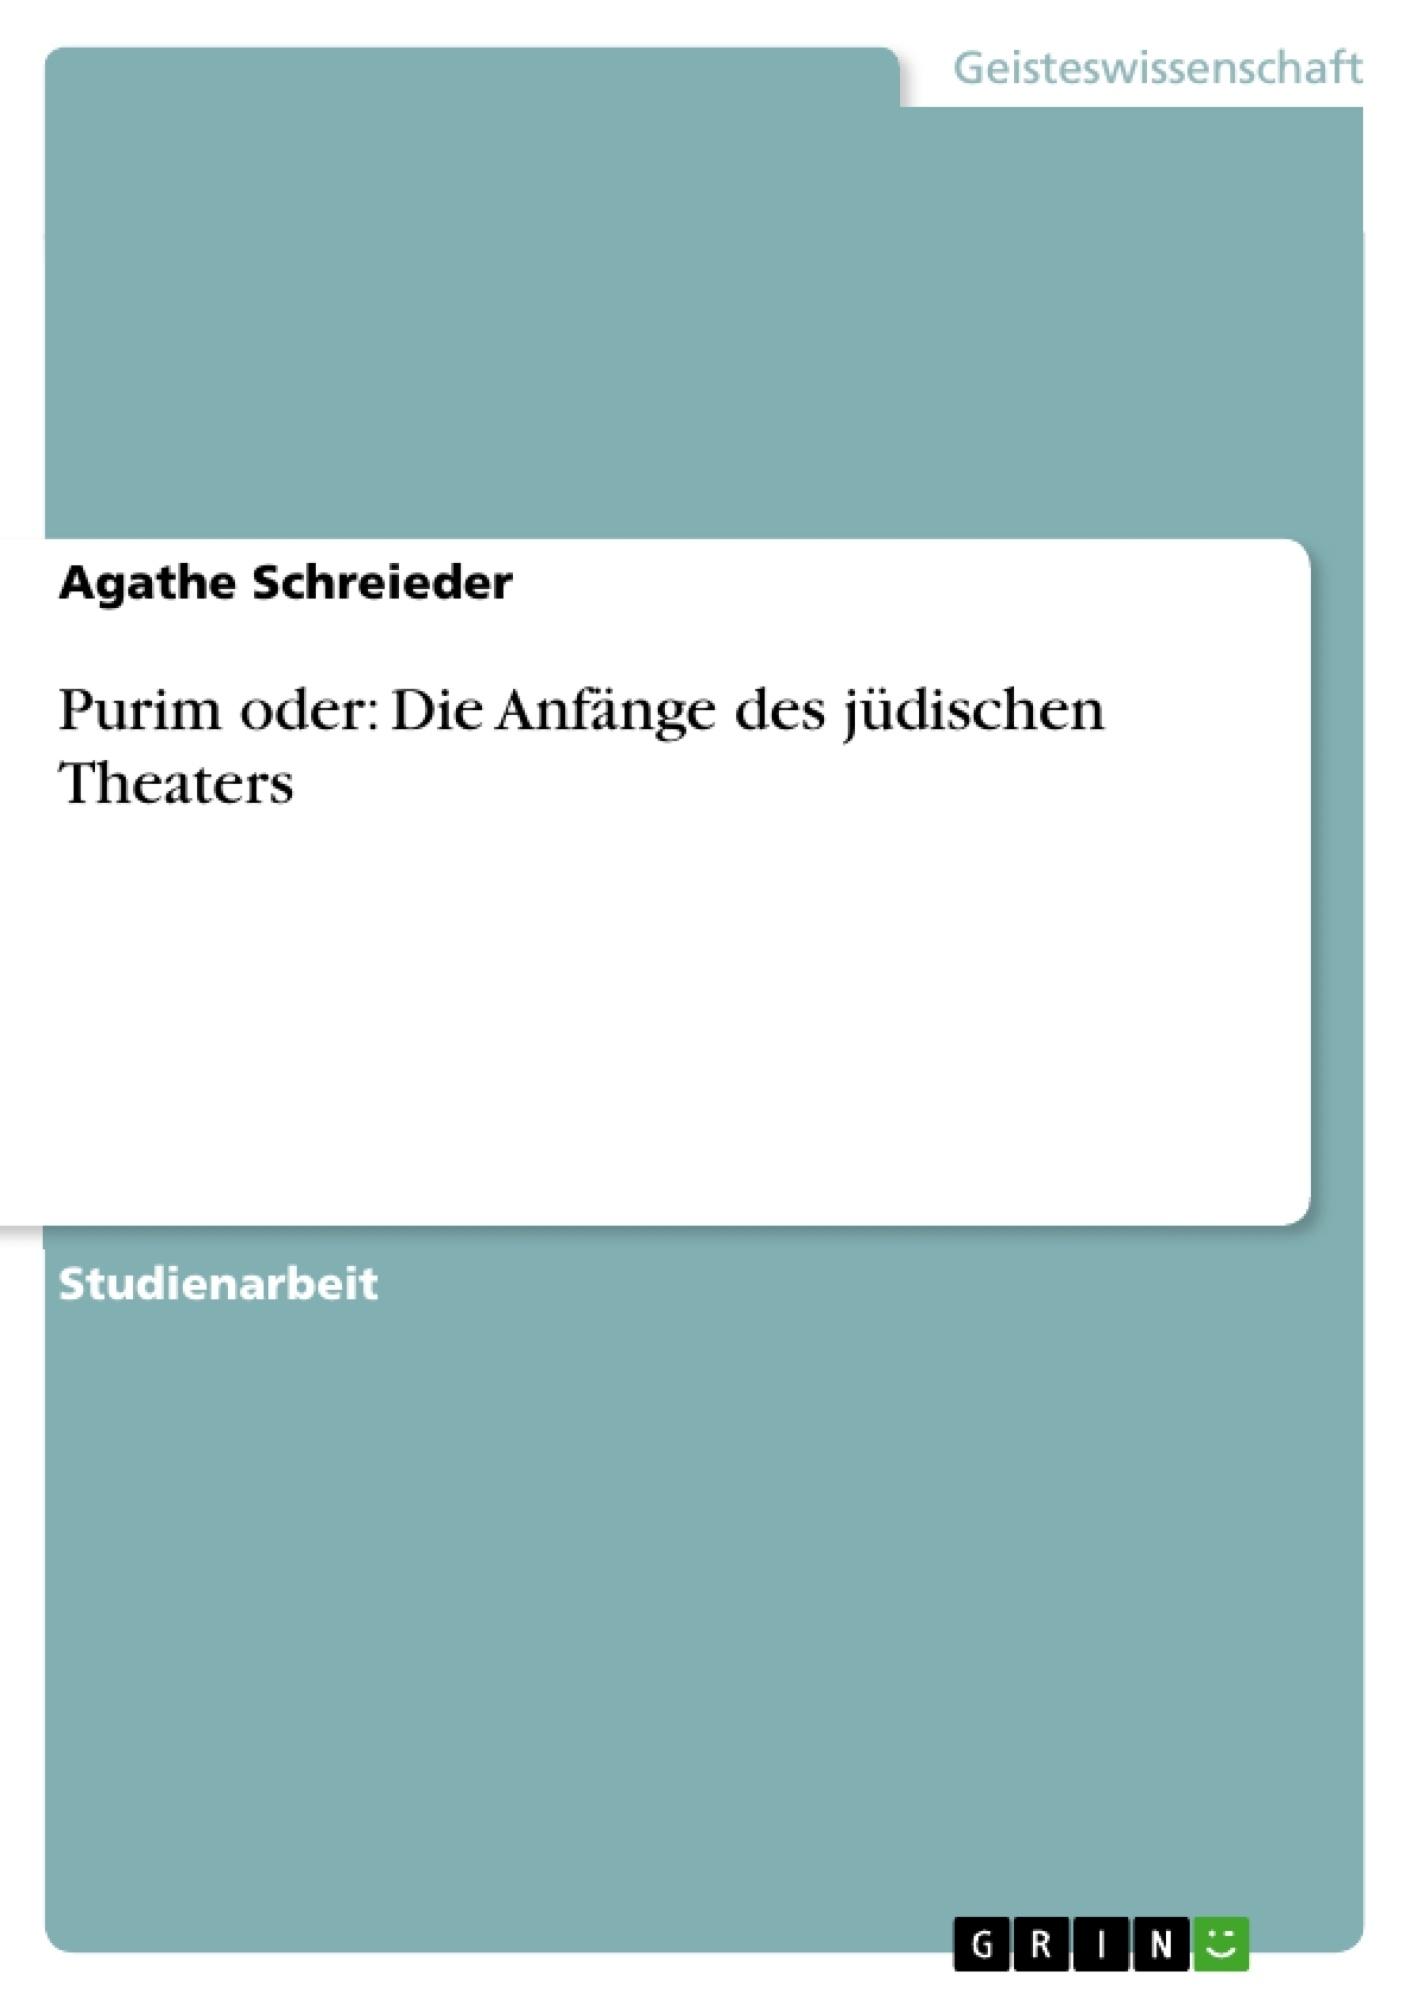 Titel: Purim oder: Die Anfänge des jüdischen Theaters